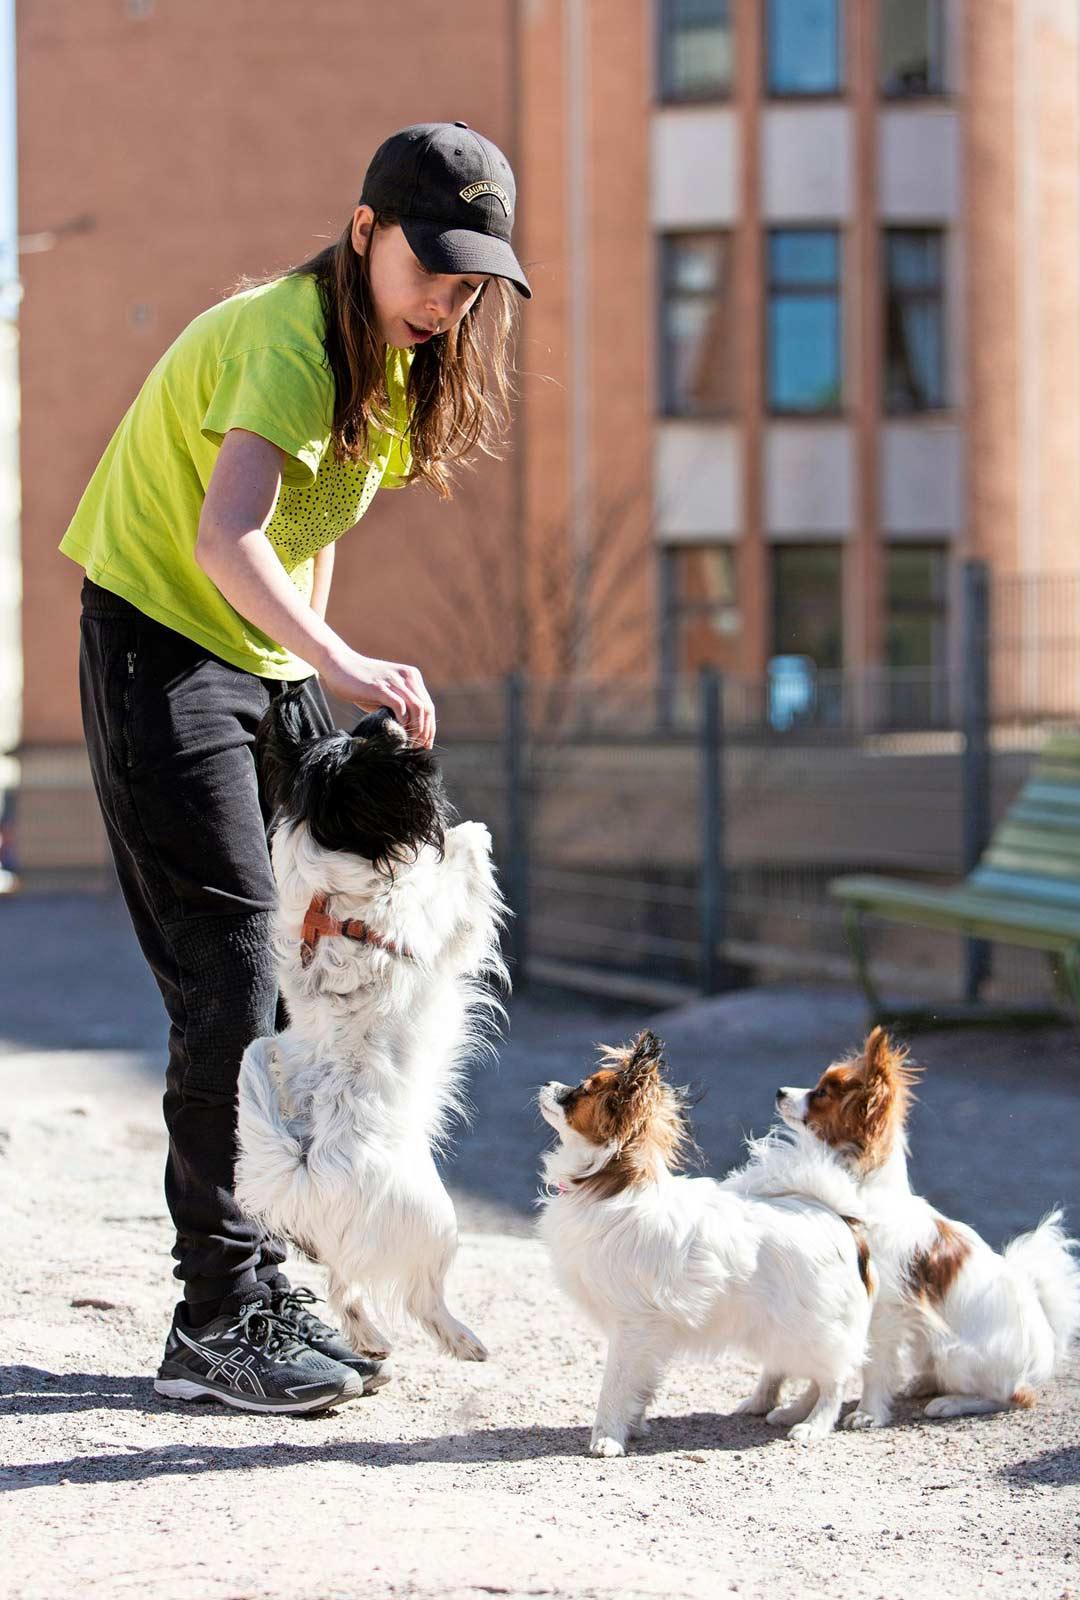 Laumanjohtajaksi leikkisästi nimetty Frans Frangén koettaa kouluttaa koiriaan kuuliaisiksi.